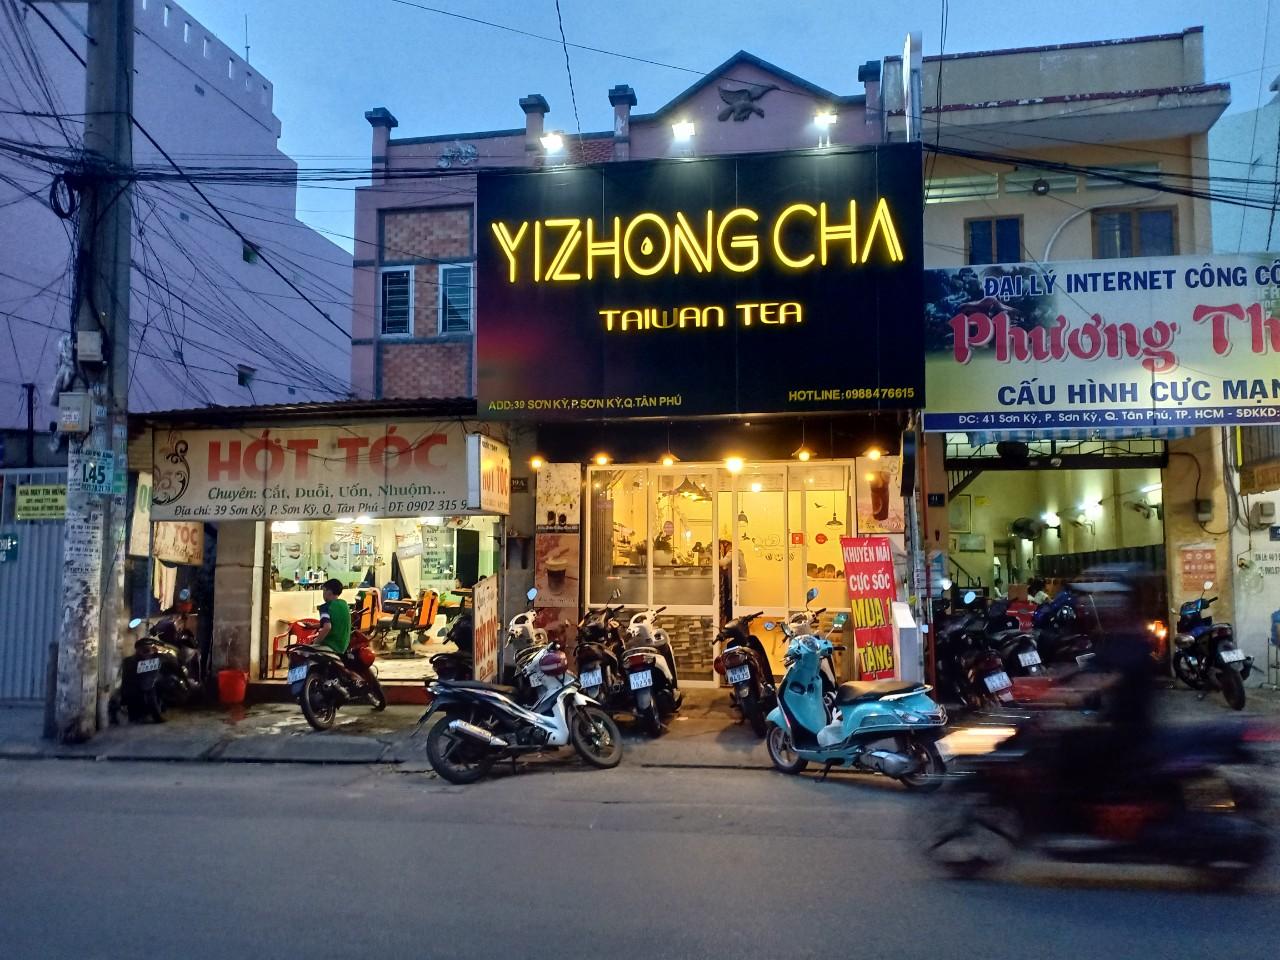 Phường Sơn Kỳ thuộc quận Tân Phú, TPHCM